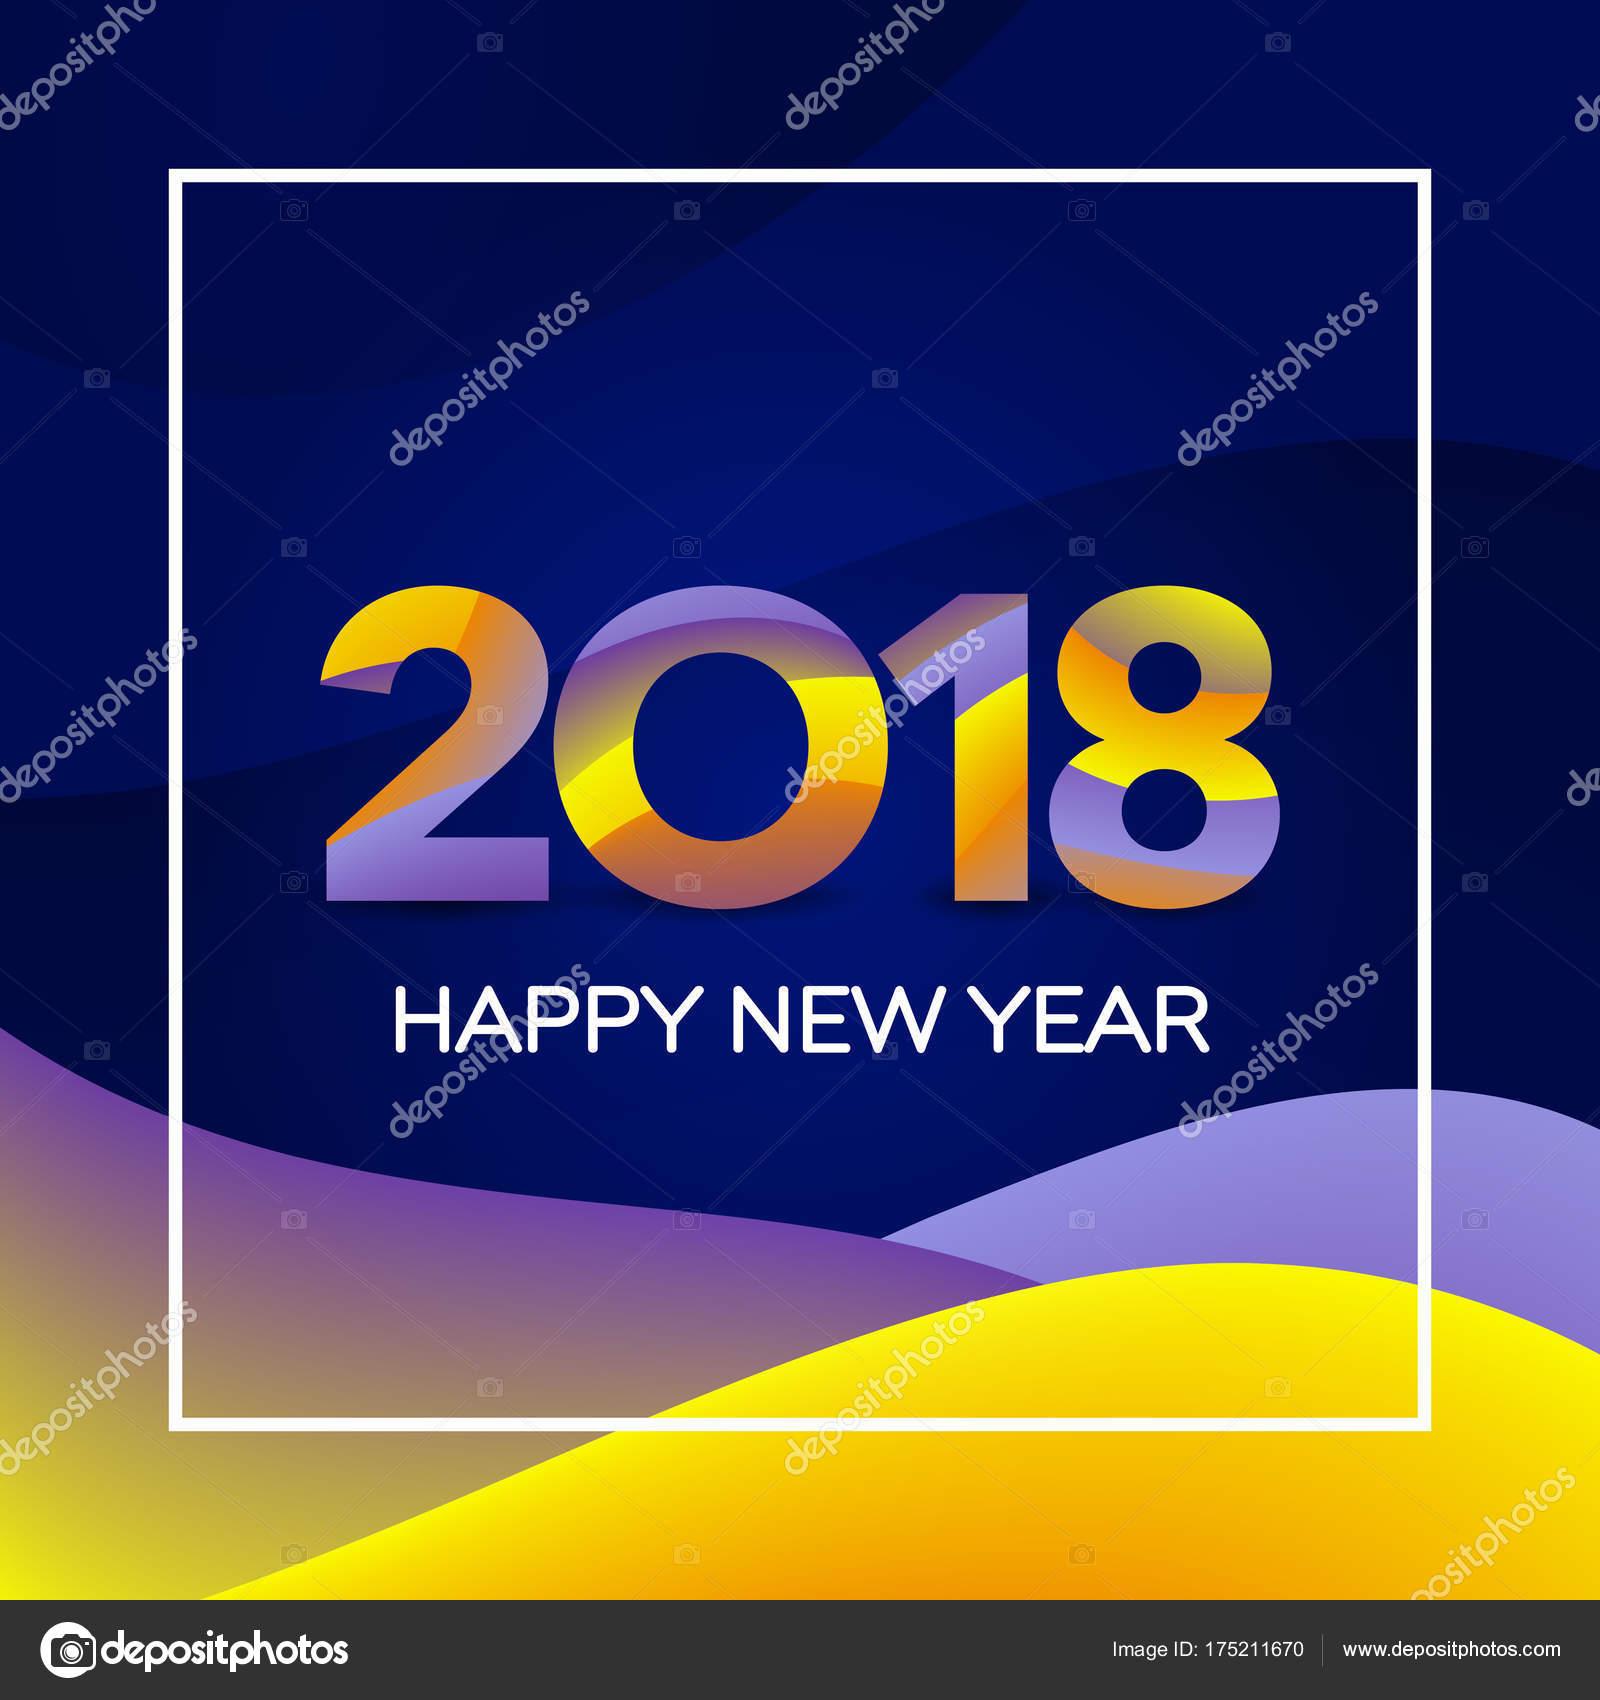 Silvester Urlaub Kartenvorlage. Happy New Year 2018 Textgestaltung ...